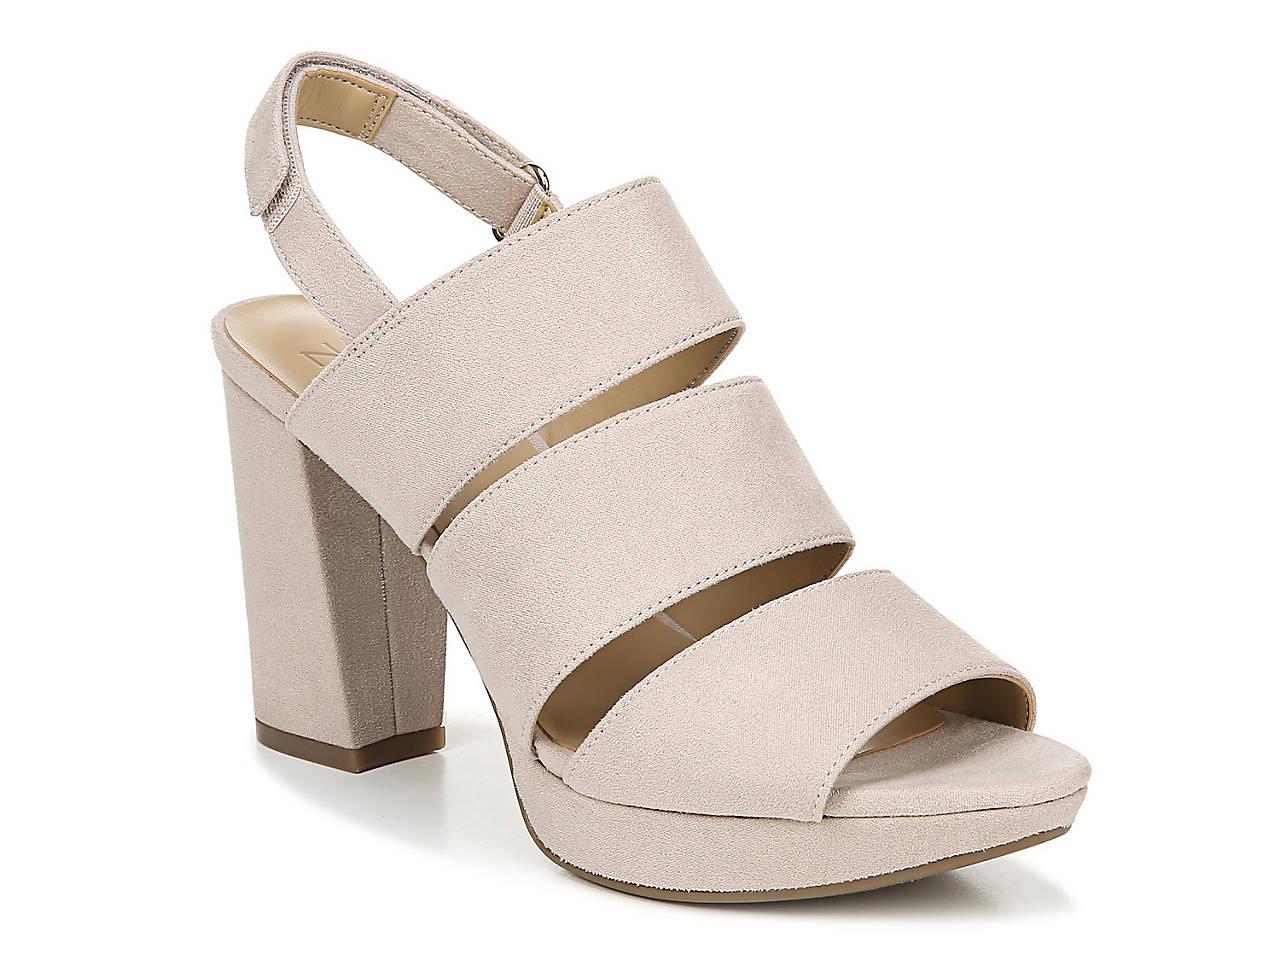 d27f2cc76ea Naturalizer Freema Platform Sandal Women s Shoes